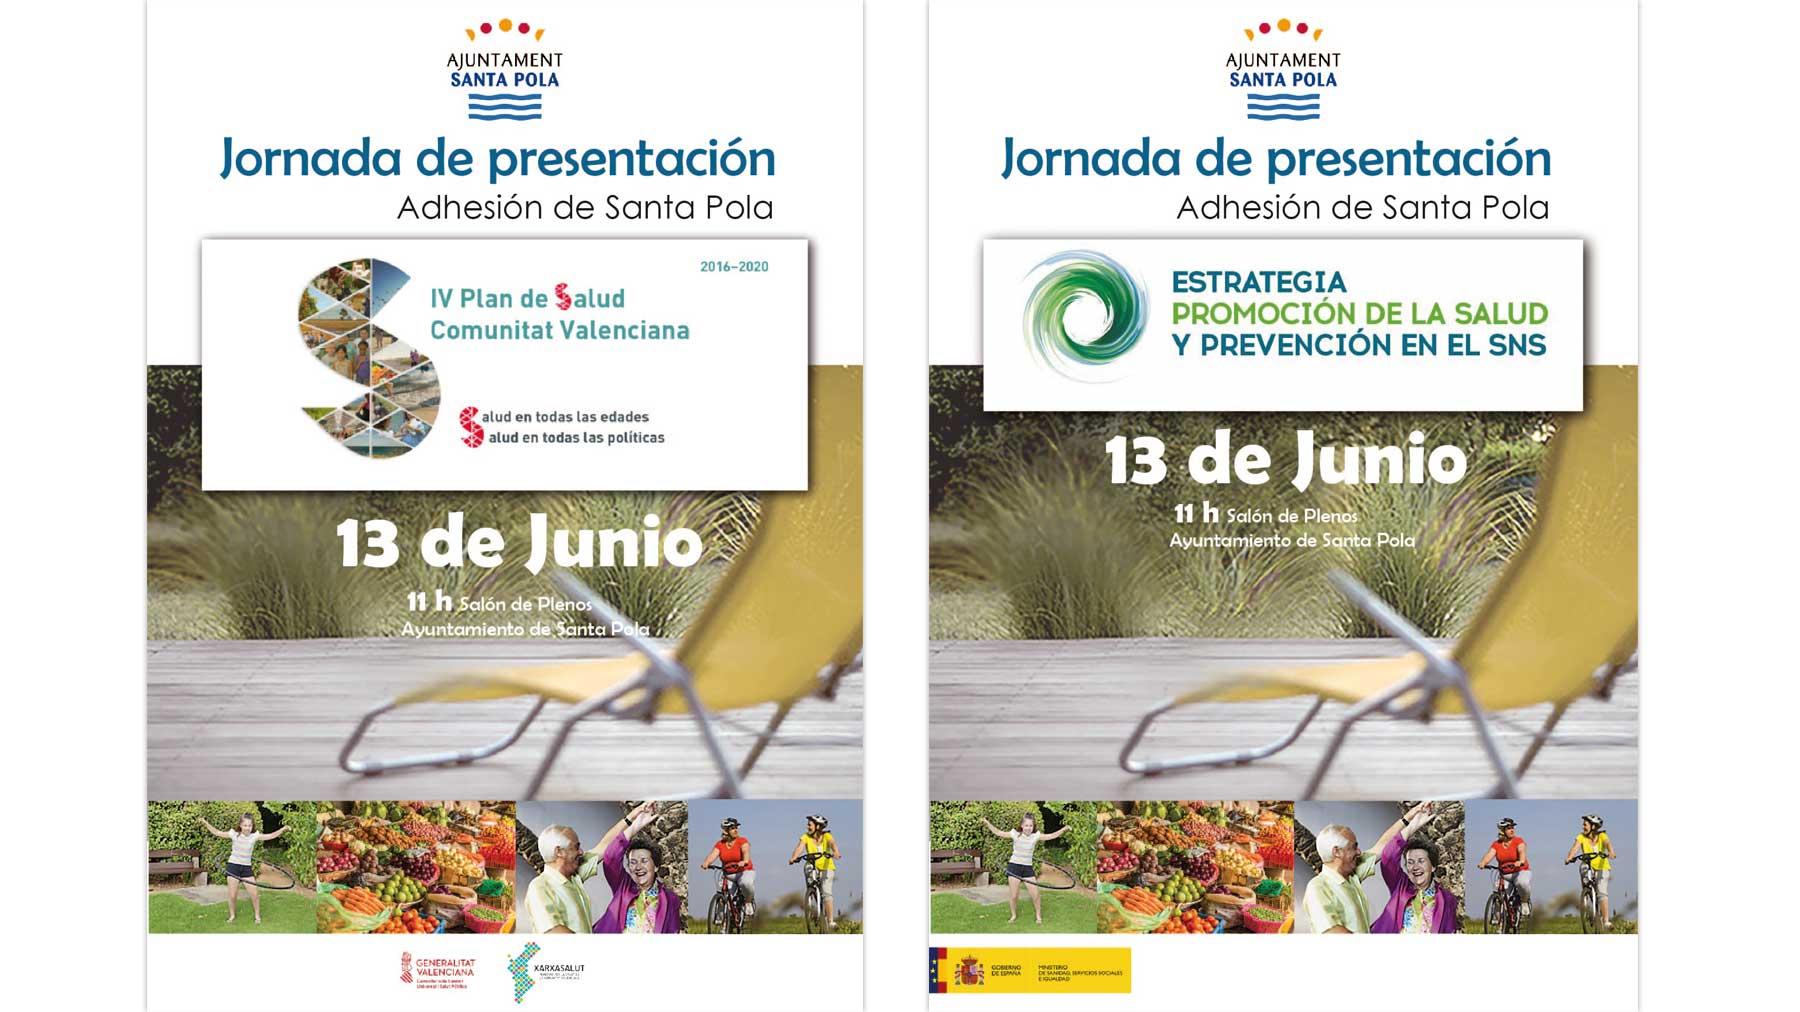 Mañana tendrá lugar la presentación de los procesos de  Adhesión del Ayuntamiento a la Estrategia de Promoción de la Salud y Prevención del MSSSI